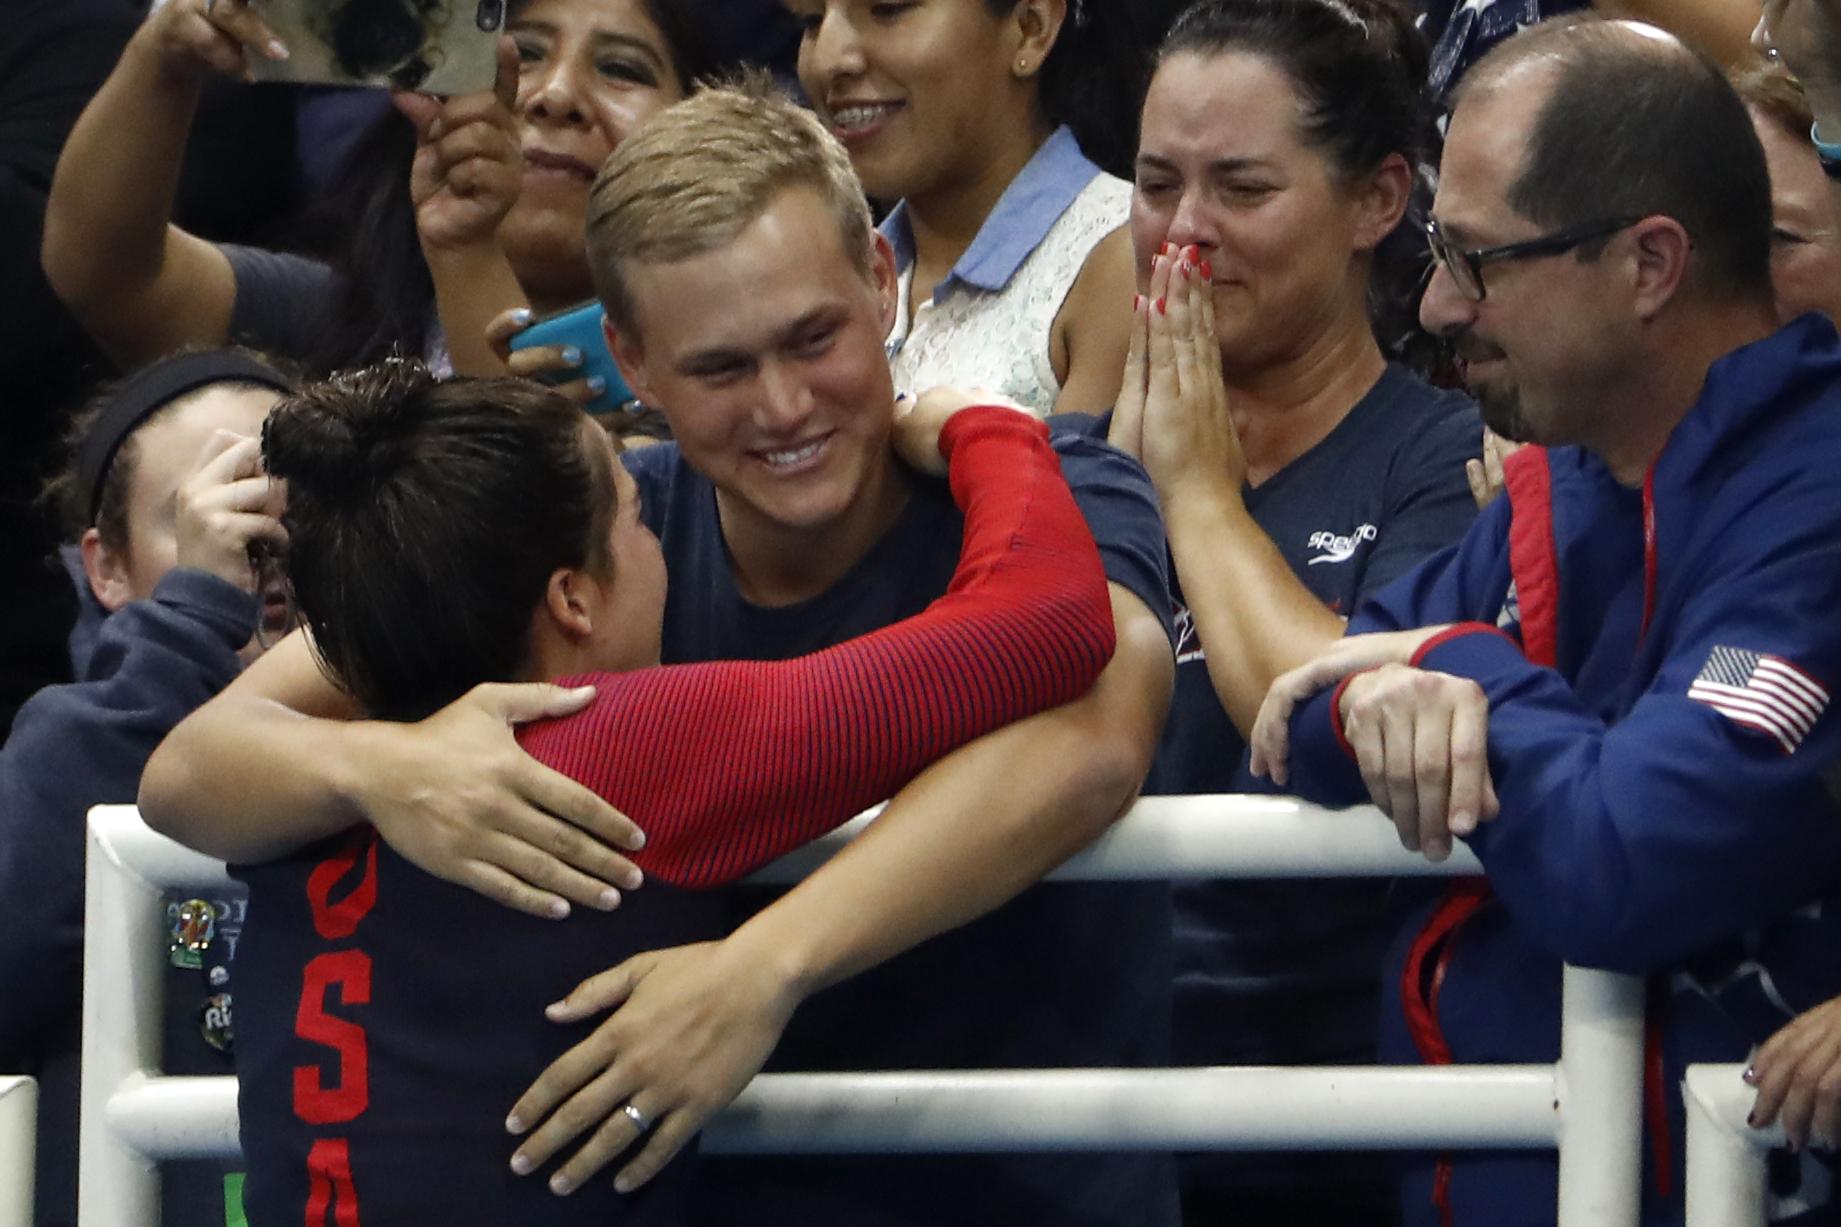 Rob Andrews, Maya DiRado, swimming, Olympics